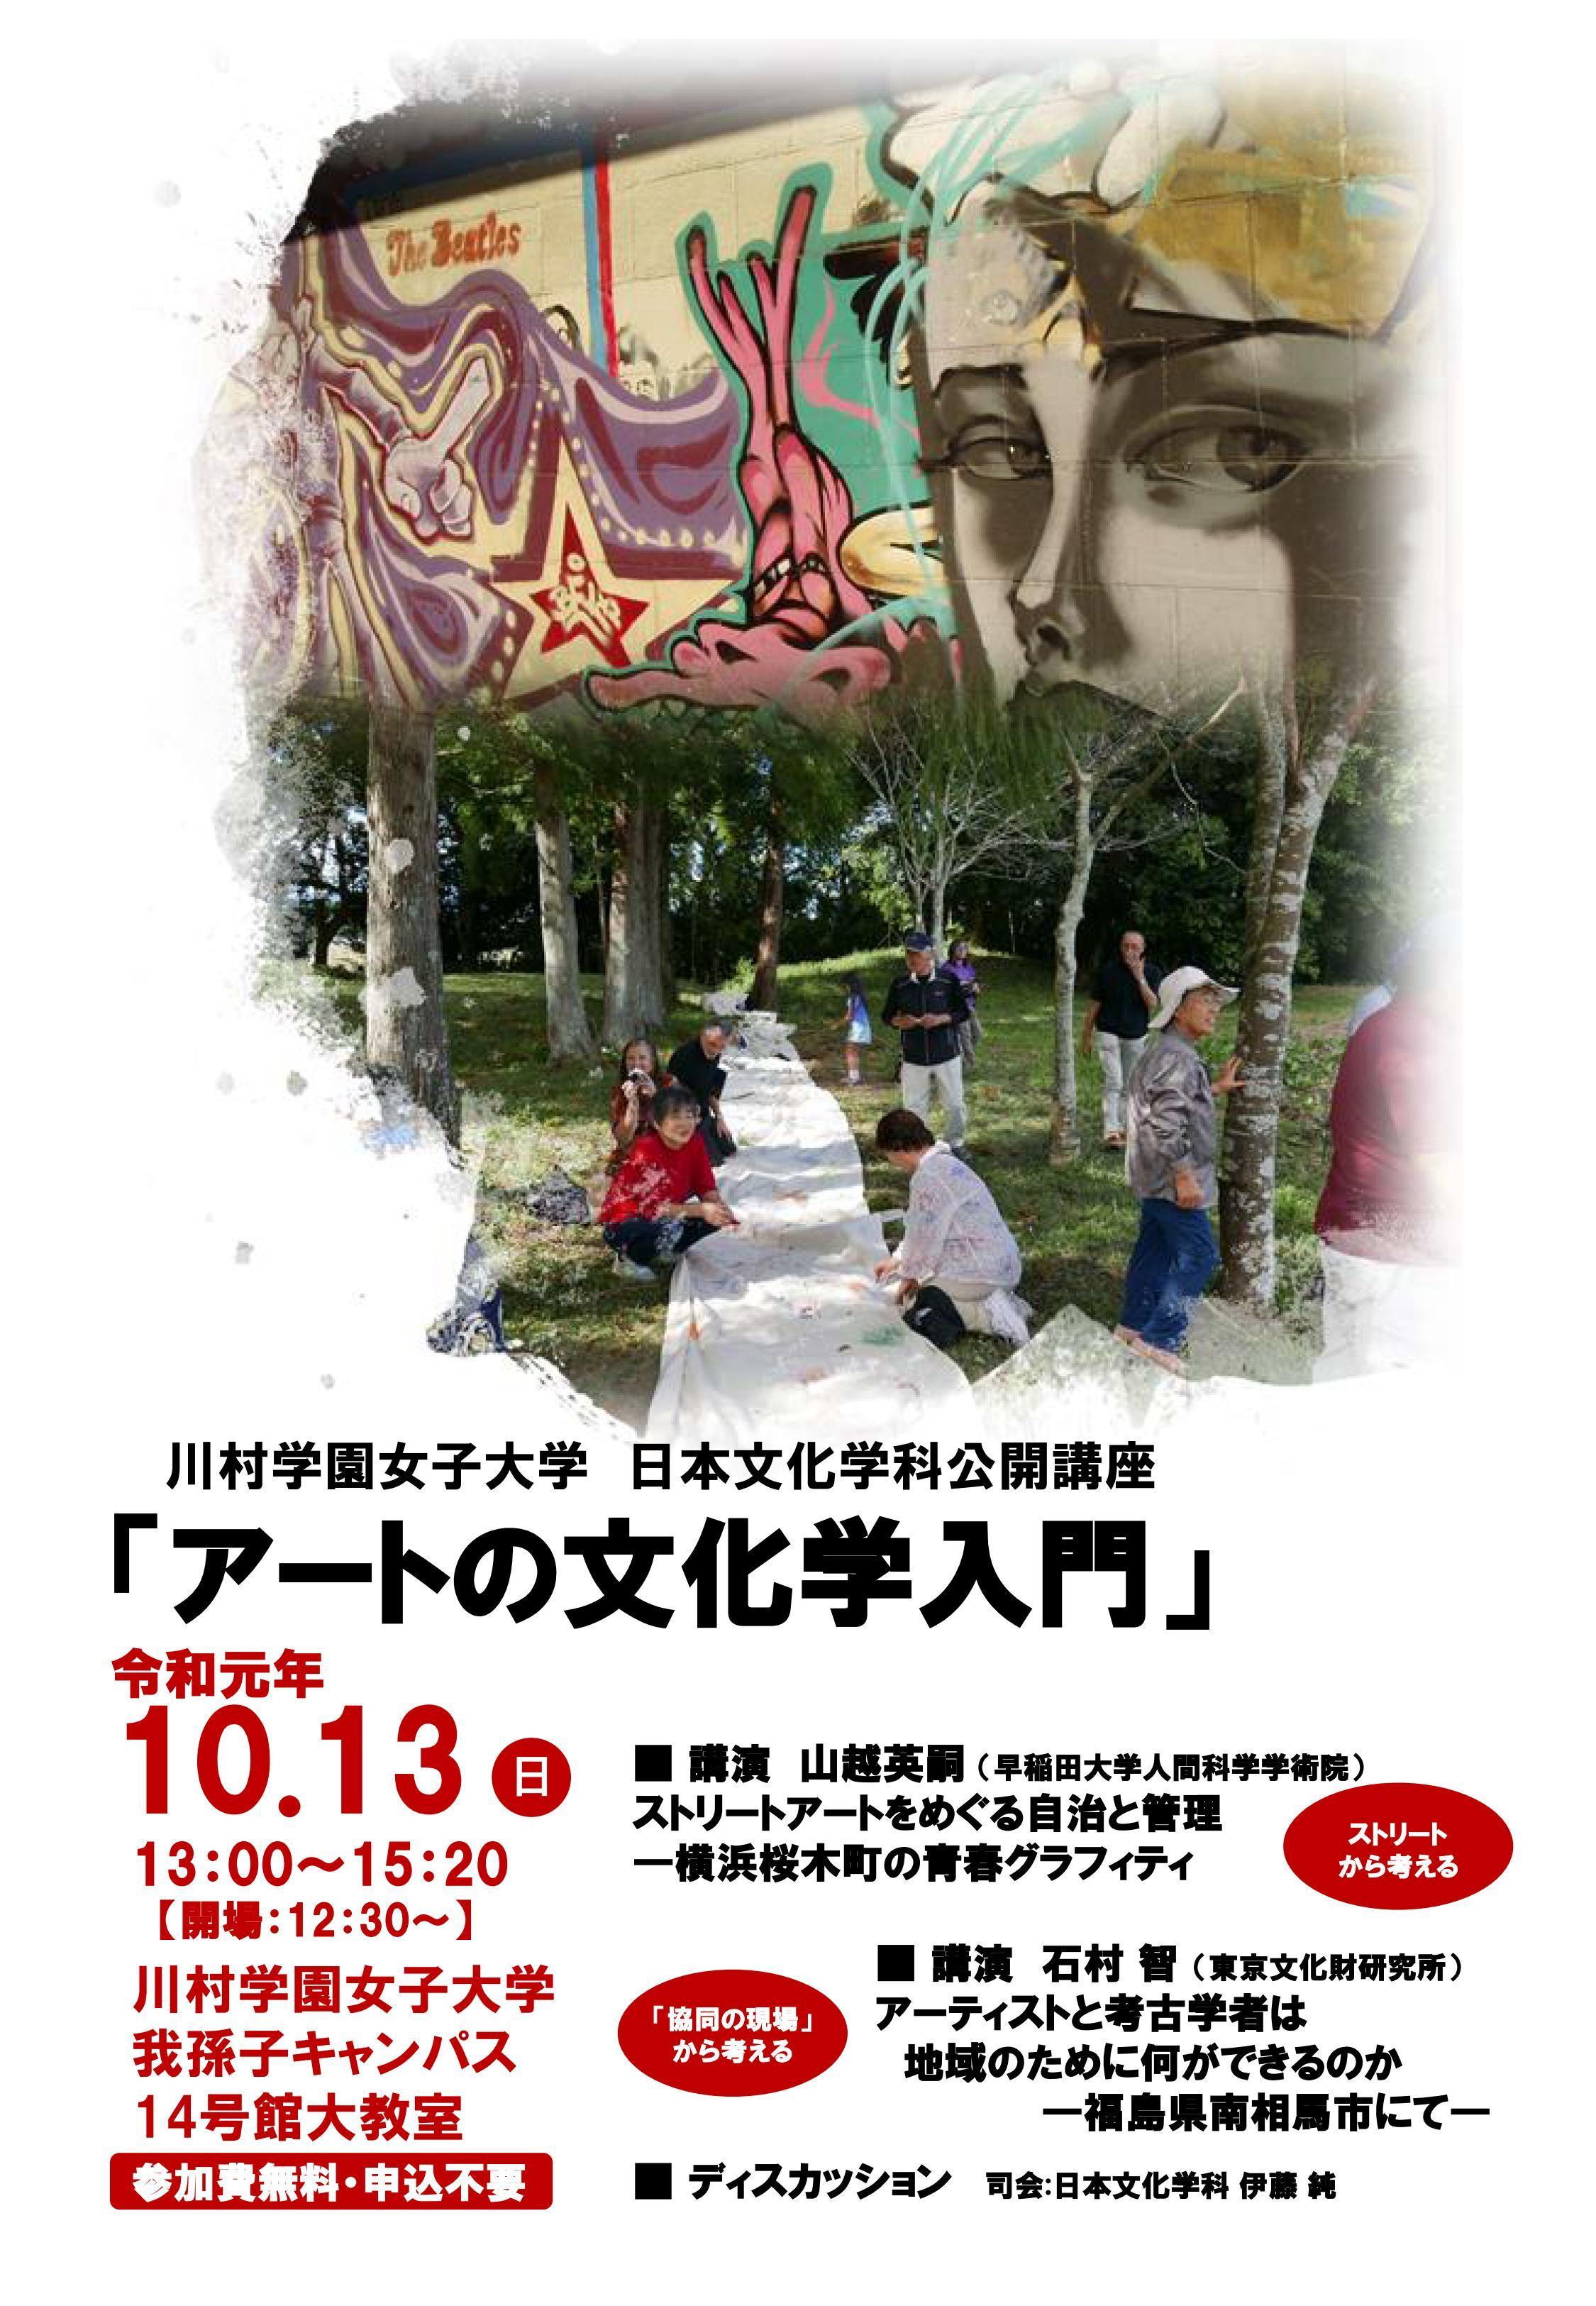 川村学園女子大学 日本文化学科 公開講座「アートの文化学入門」の開催について